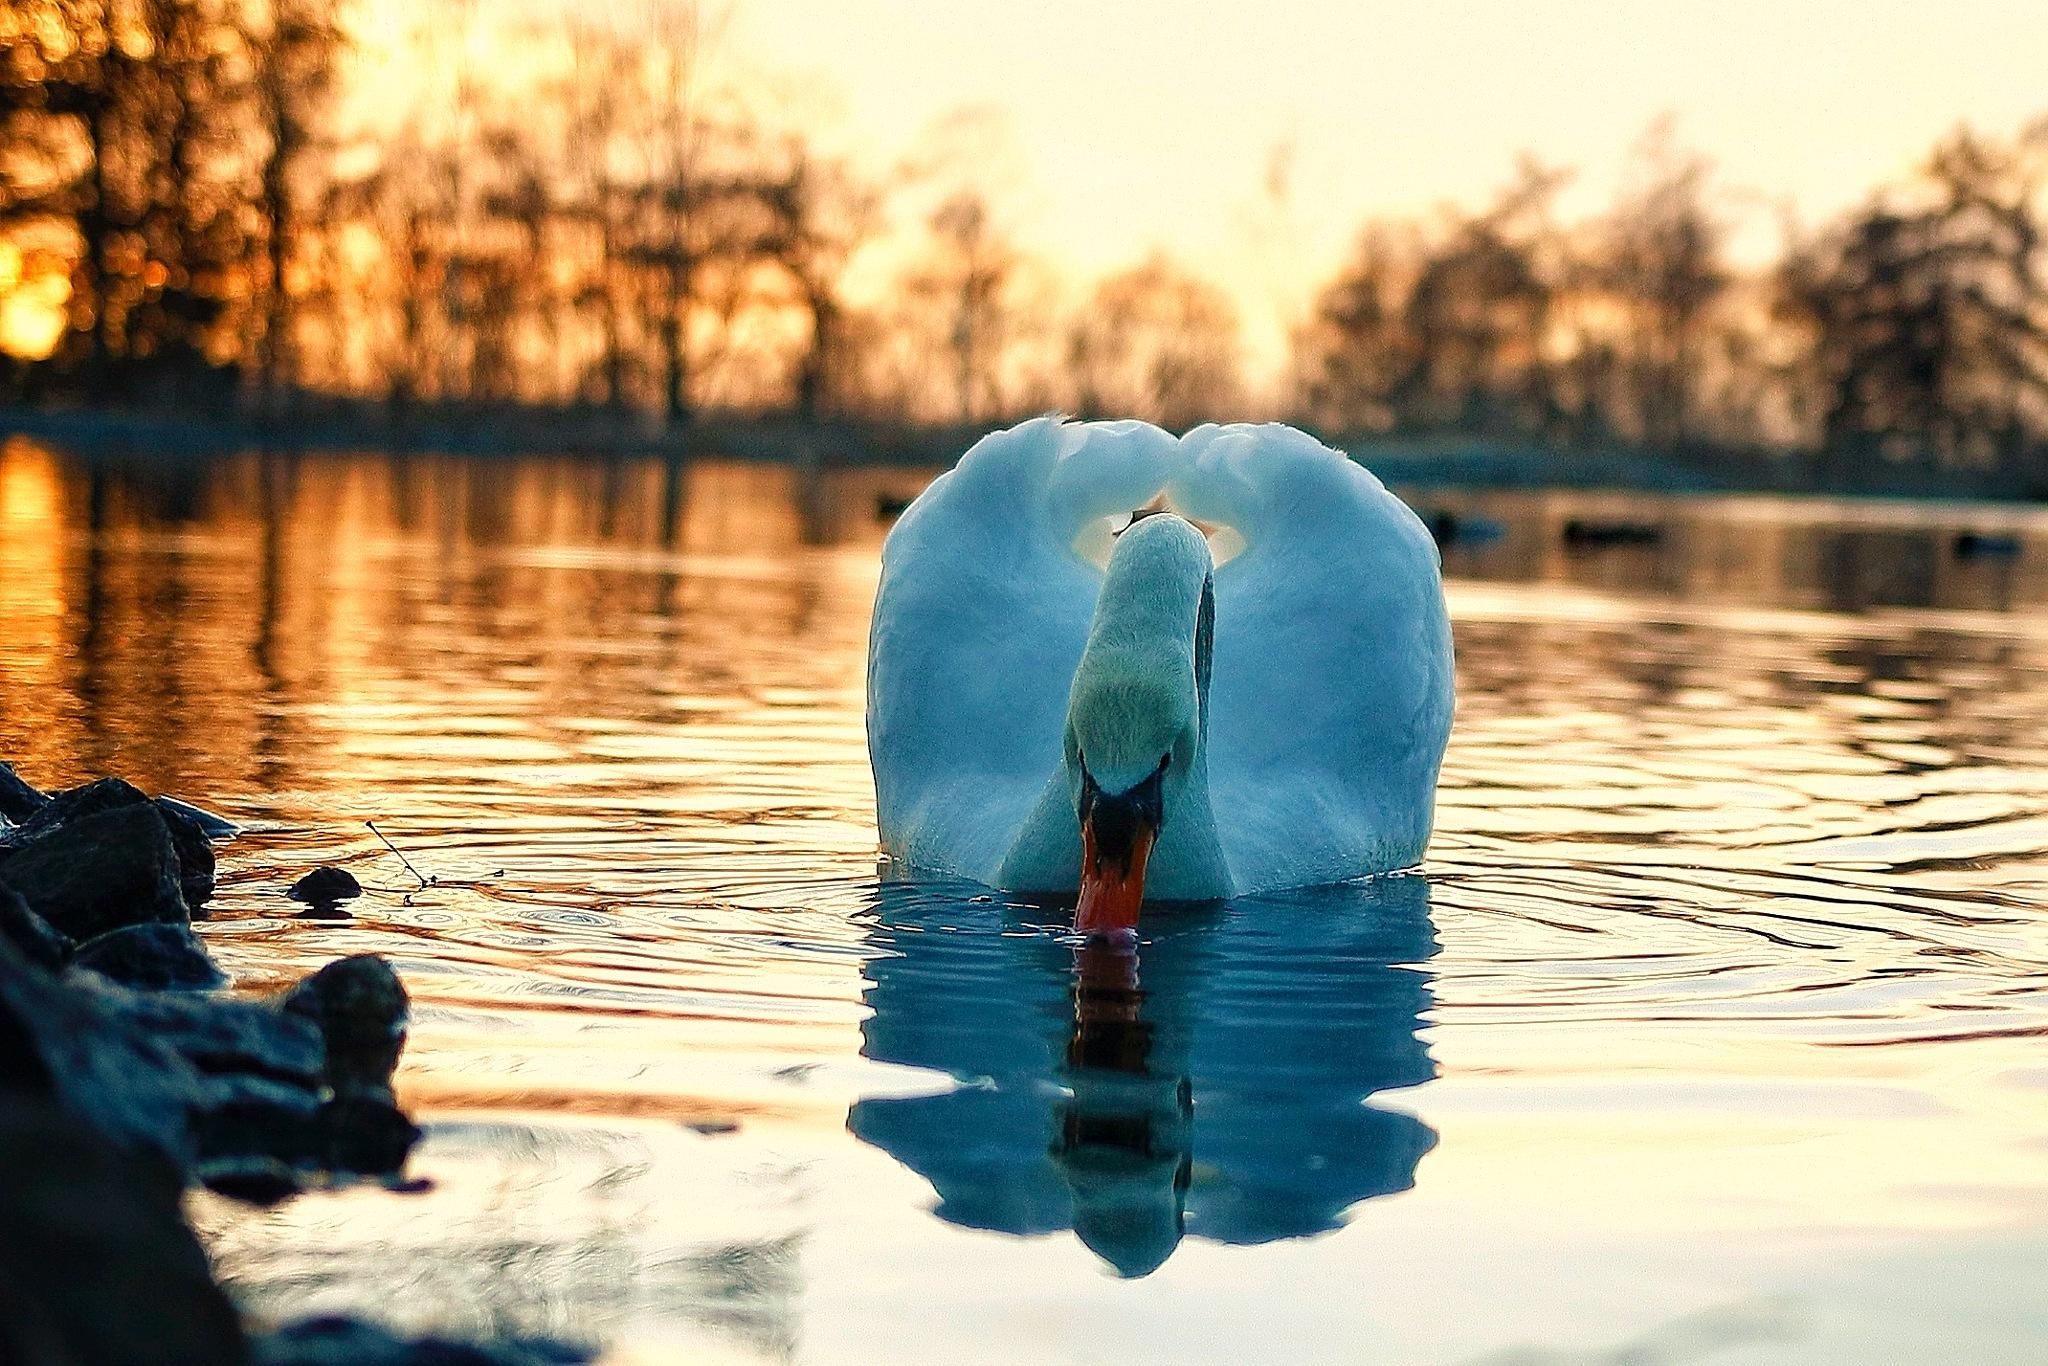 Swan / Knölsvan by Anders